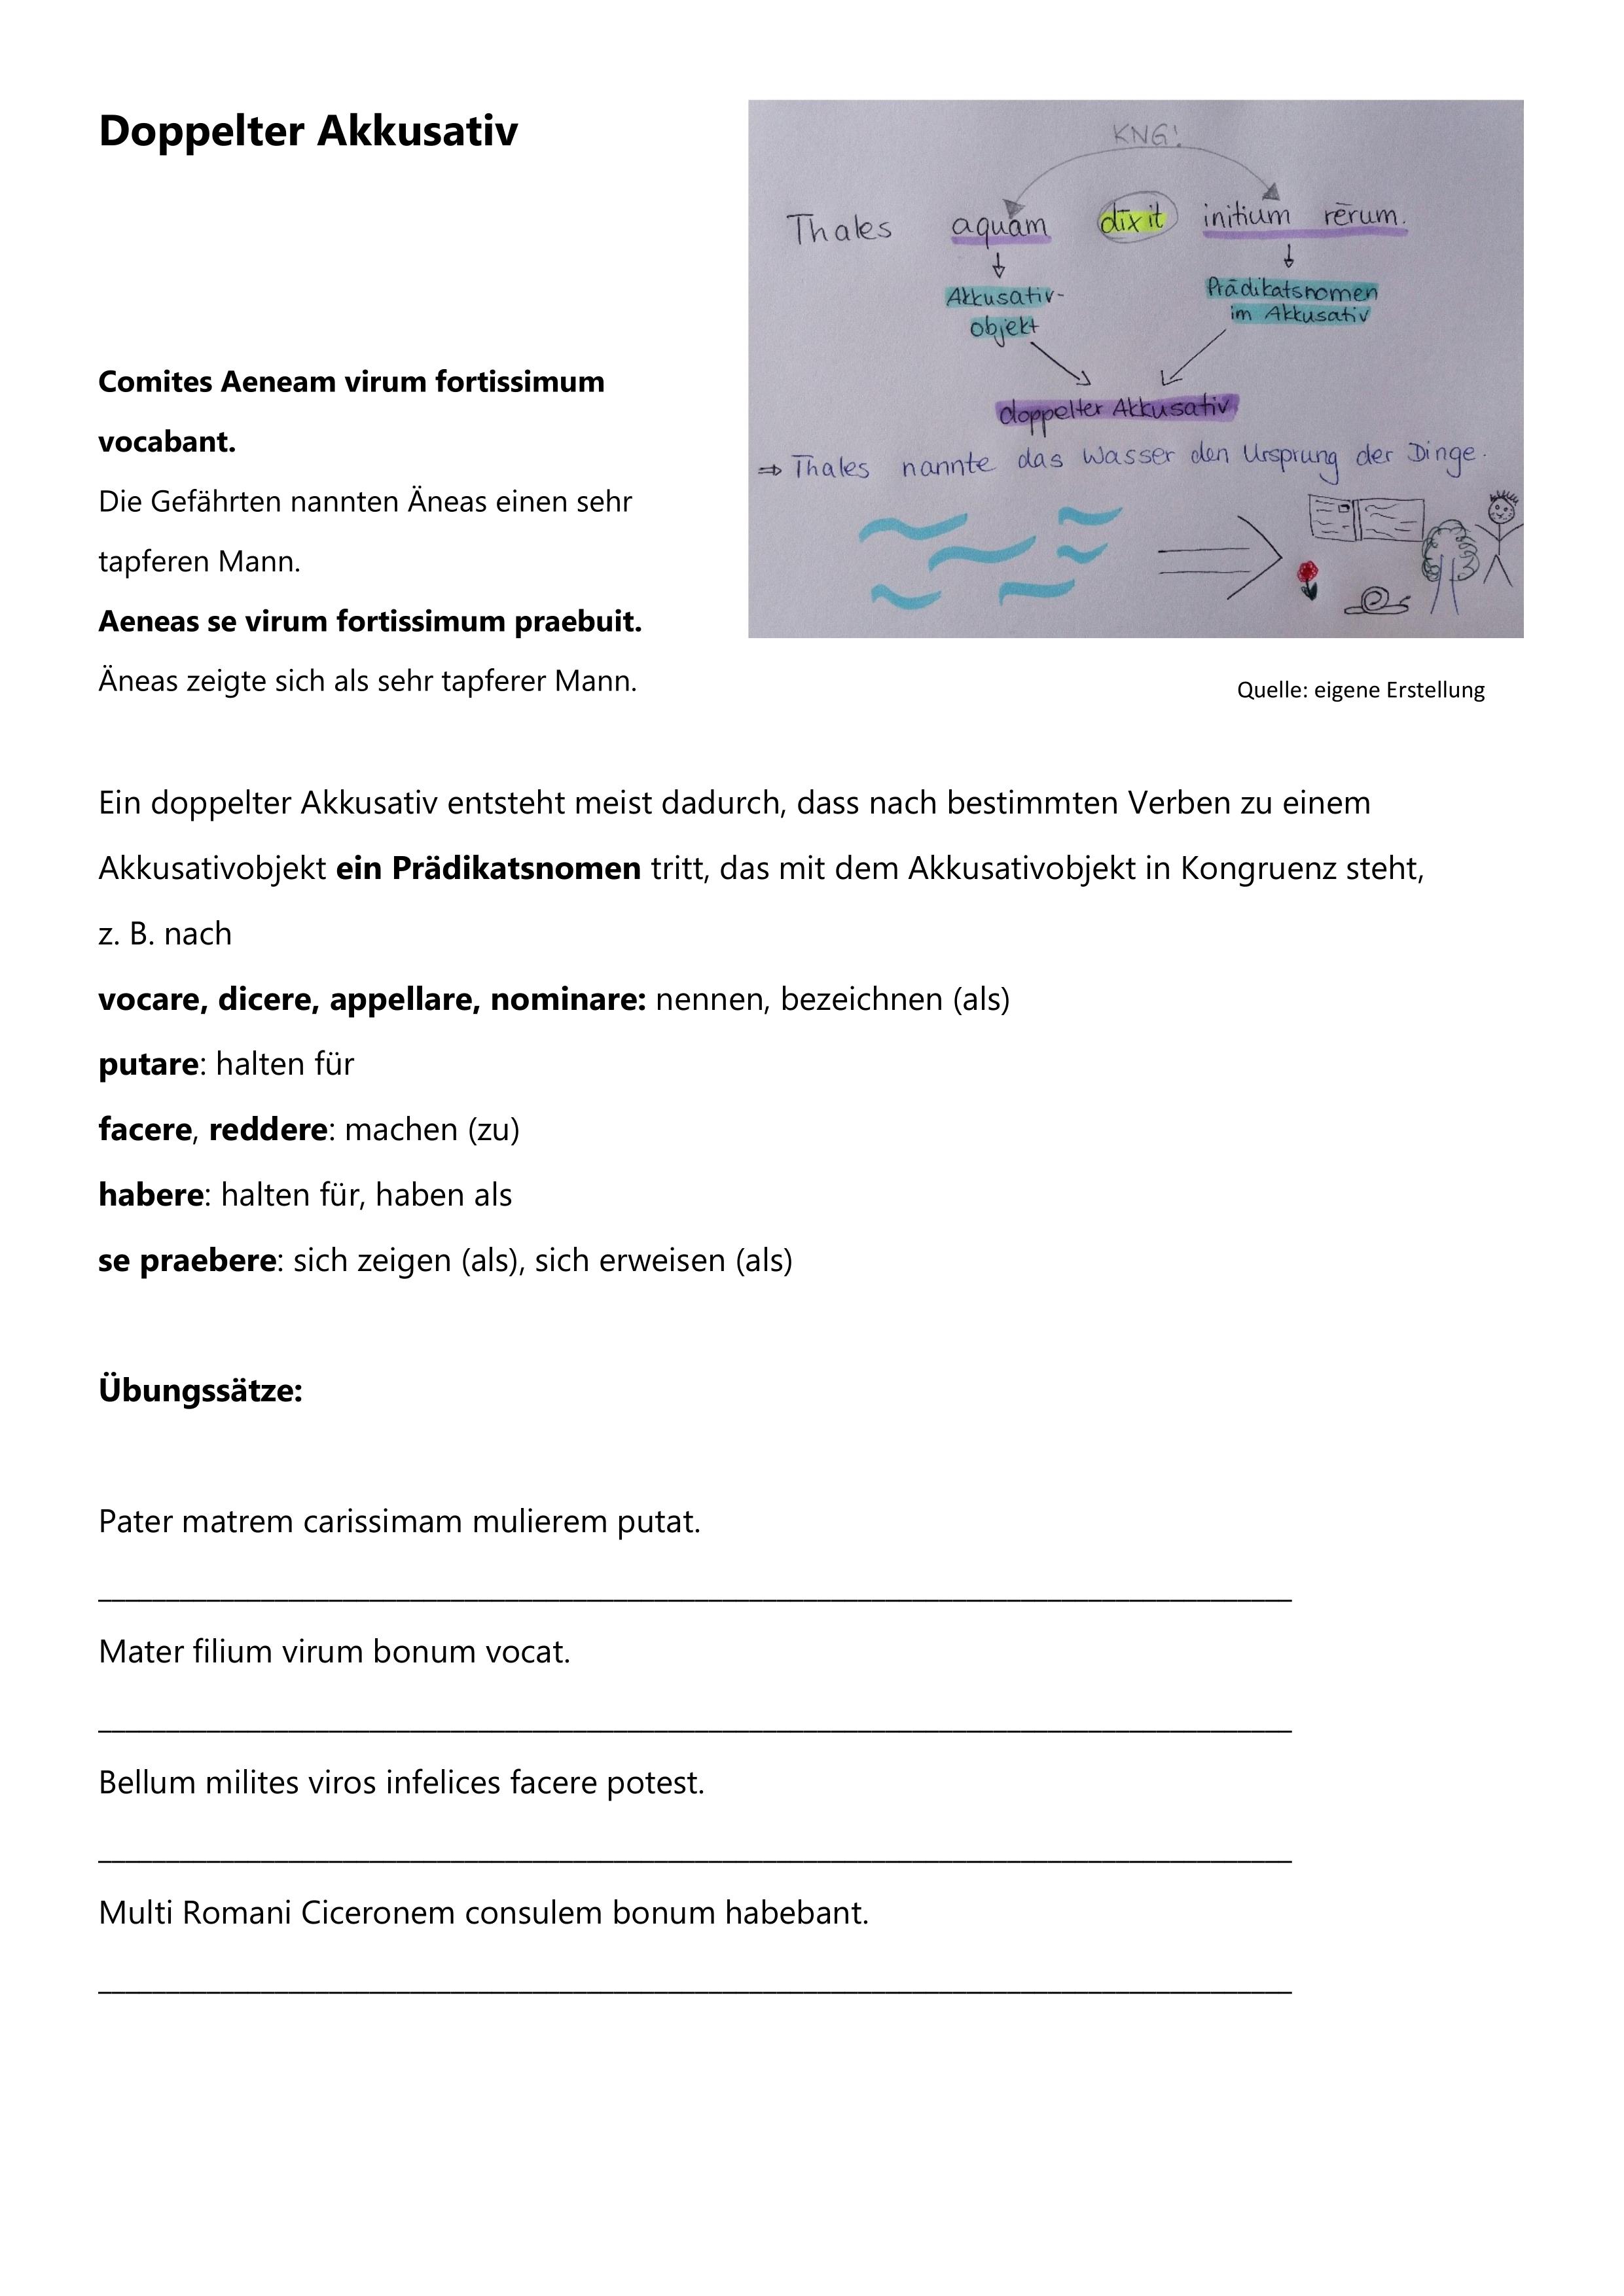 Doppelter Akkusativ Erklarung Und Ubungssatze Unterrichtsmaterial Im Fach Latein Ubung Lernen Einfache Satze